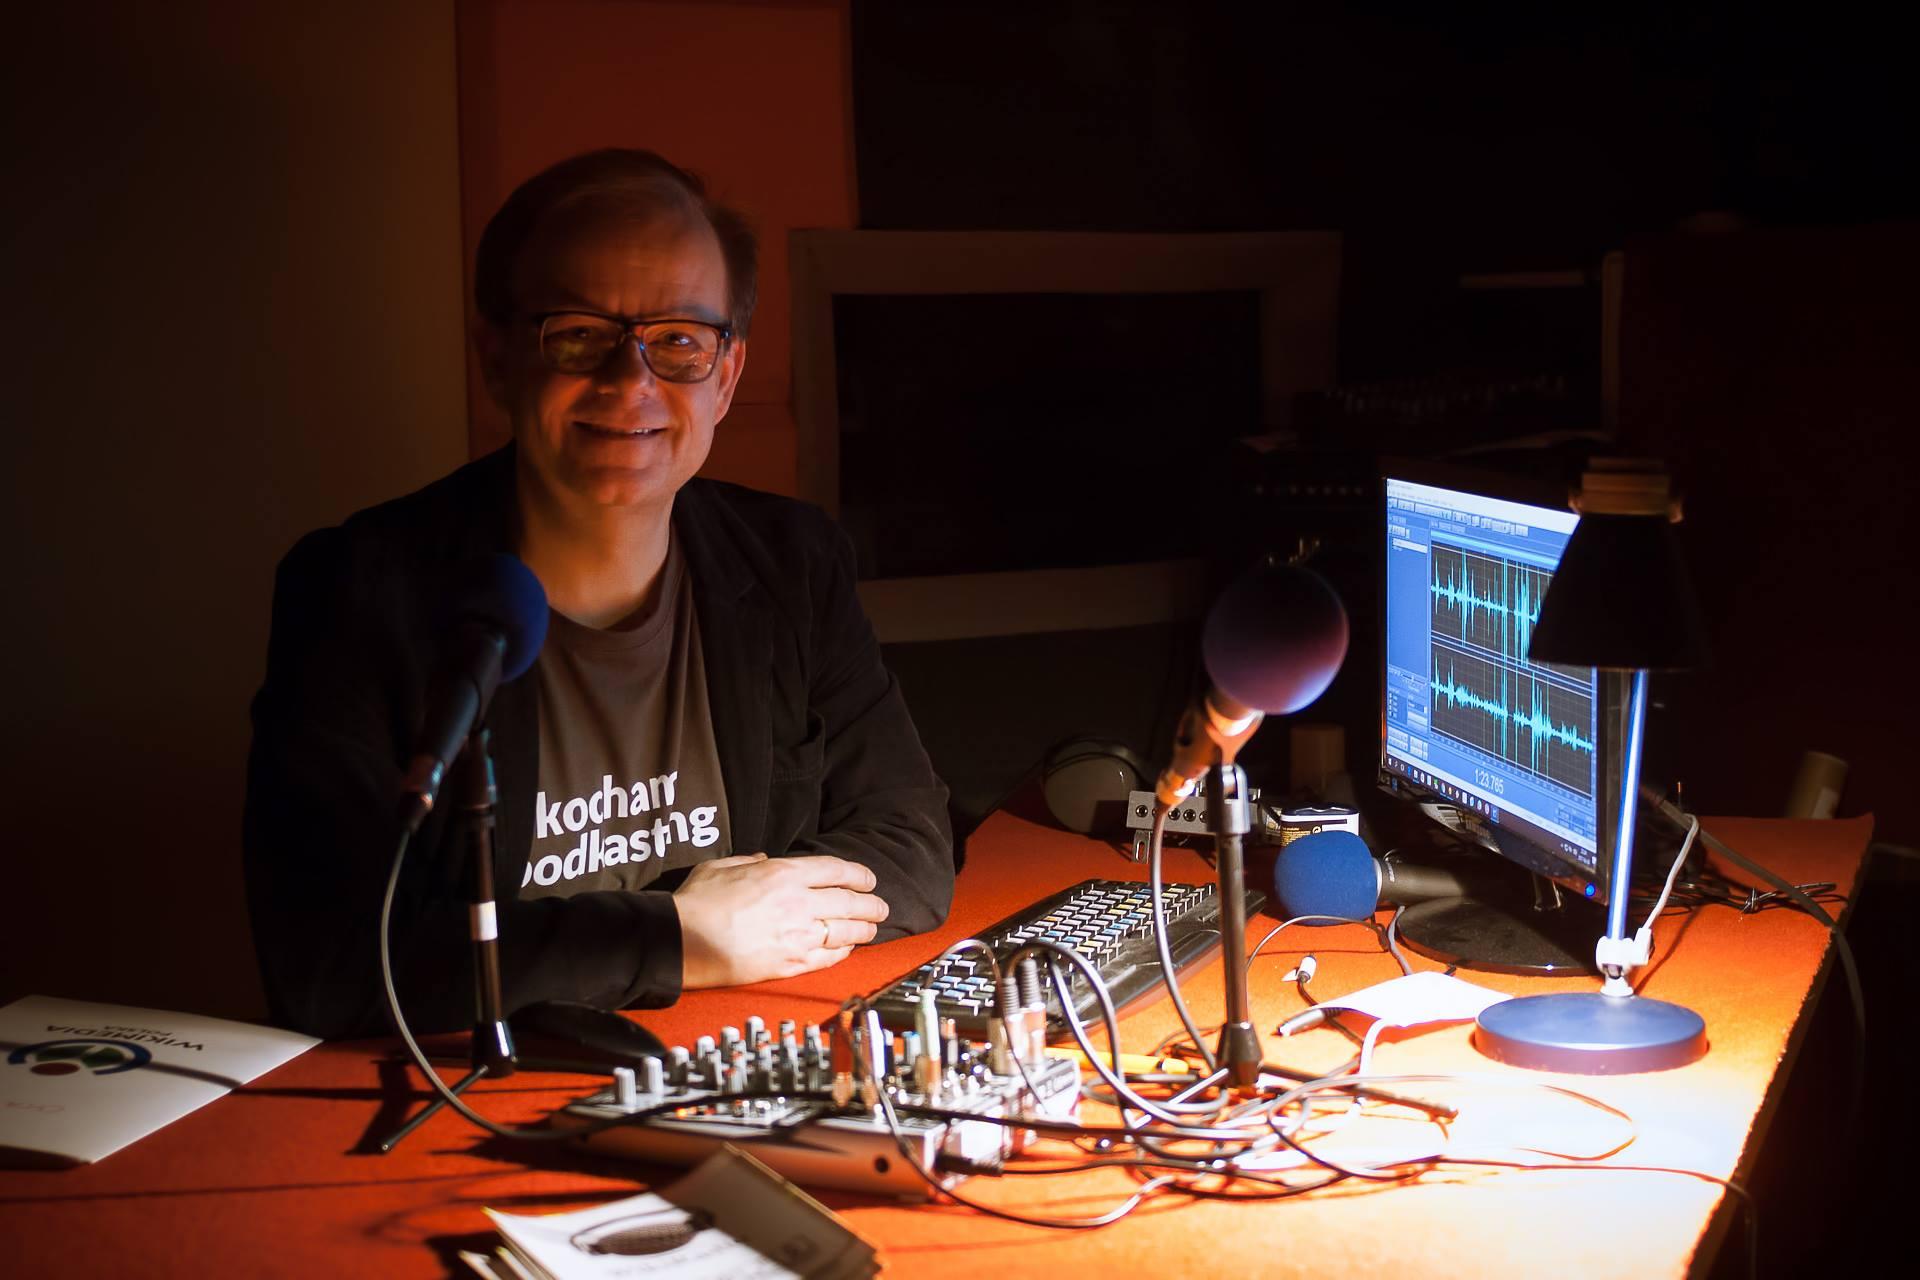 Prowadzący w studiu przy komputerze i mikrofnach